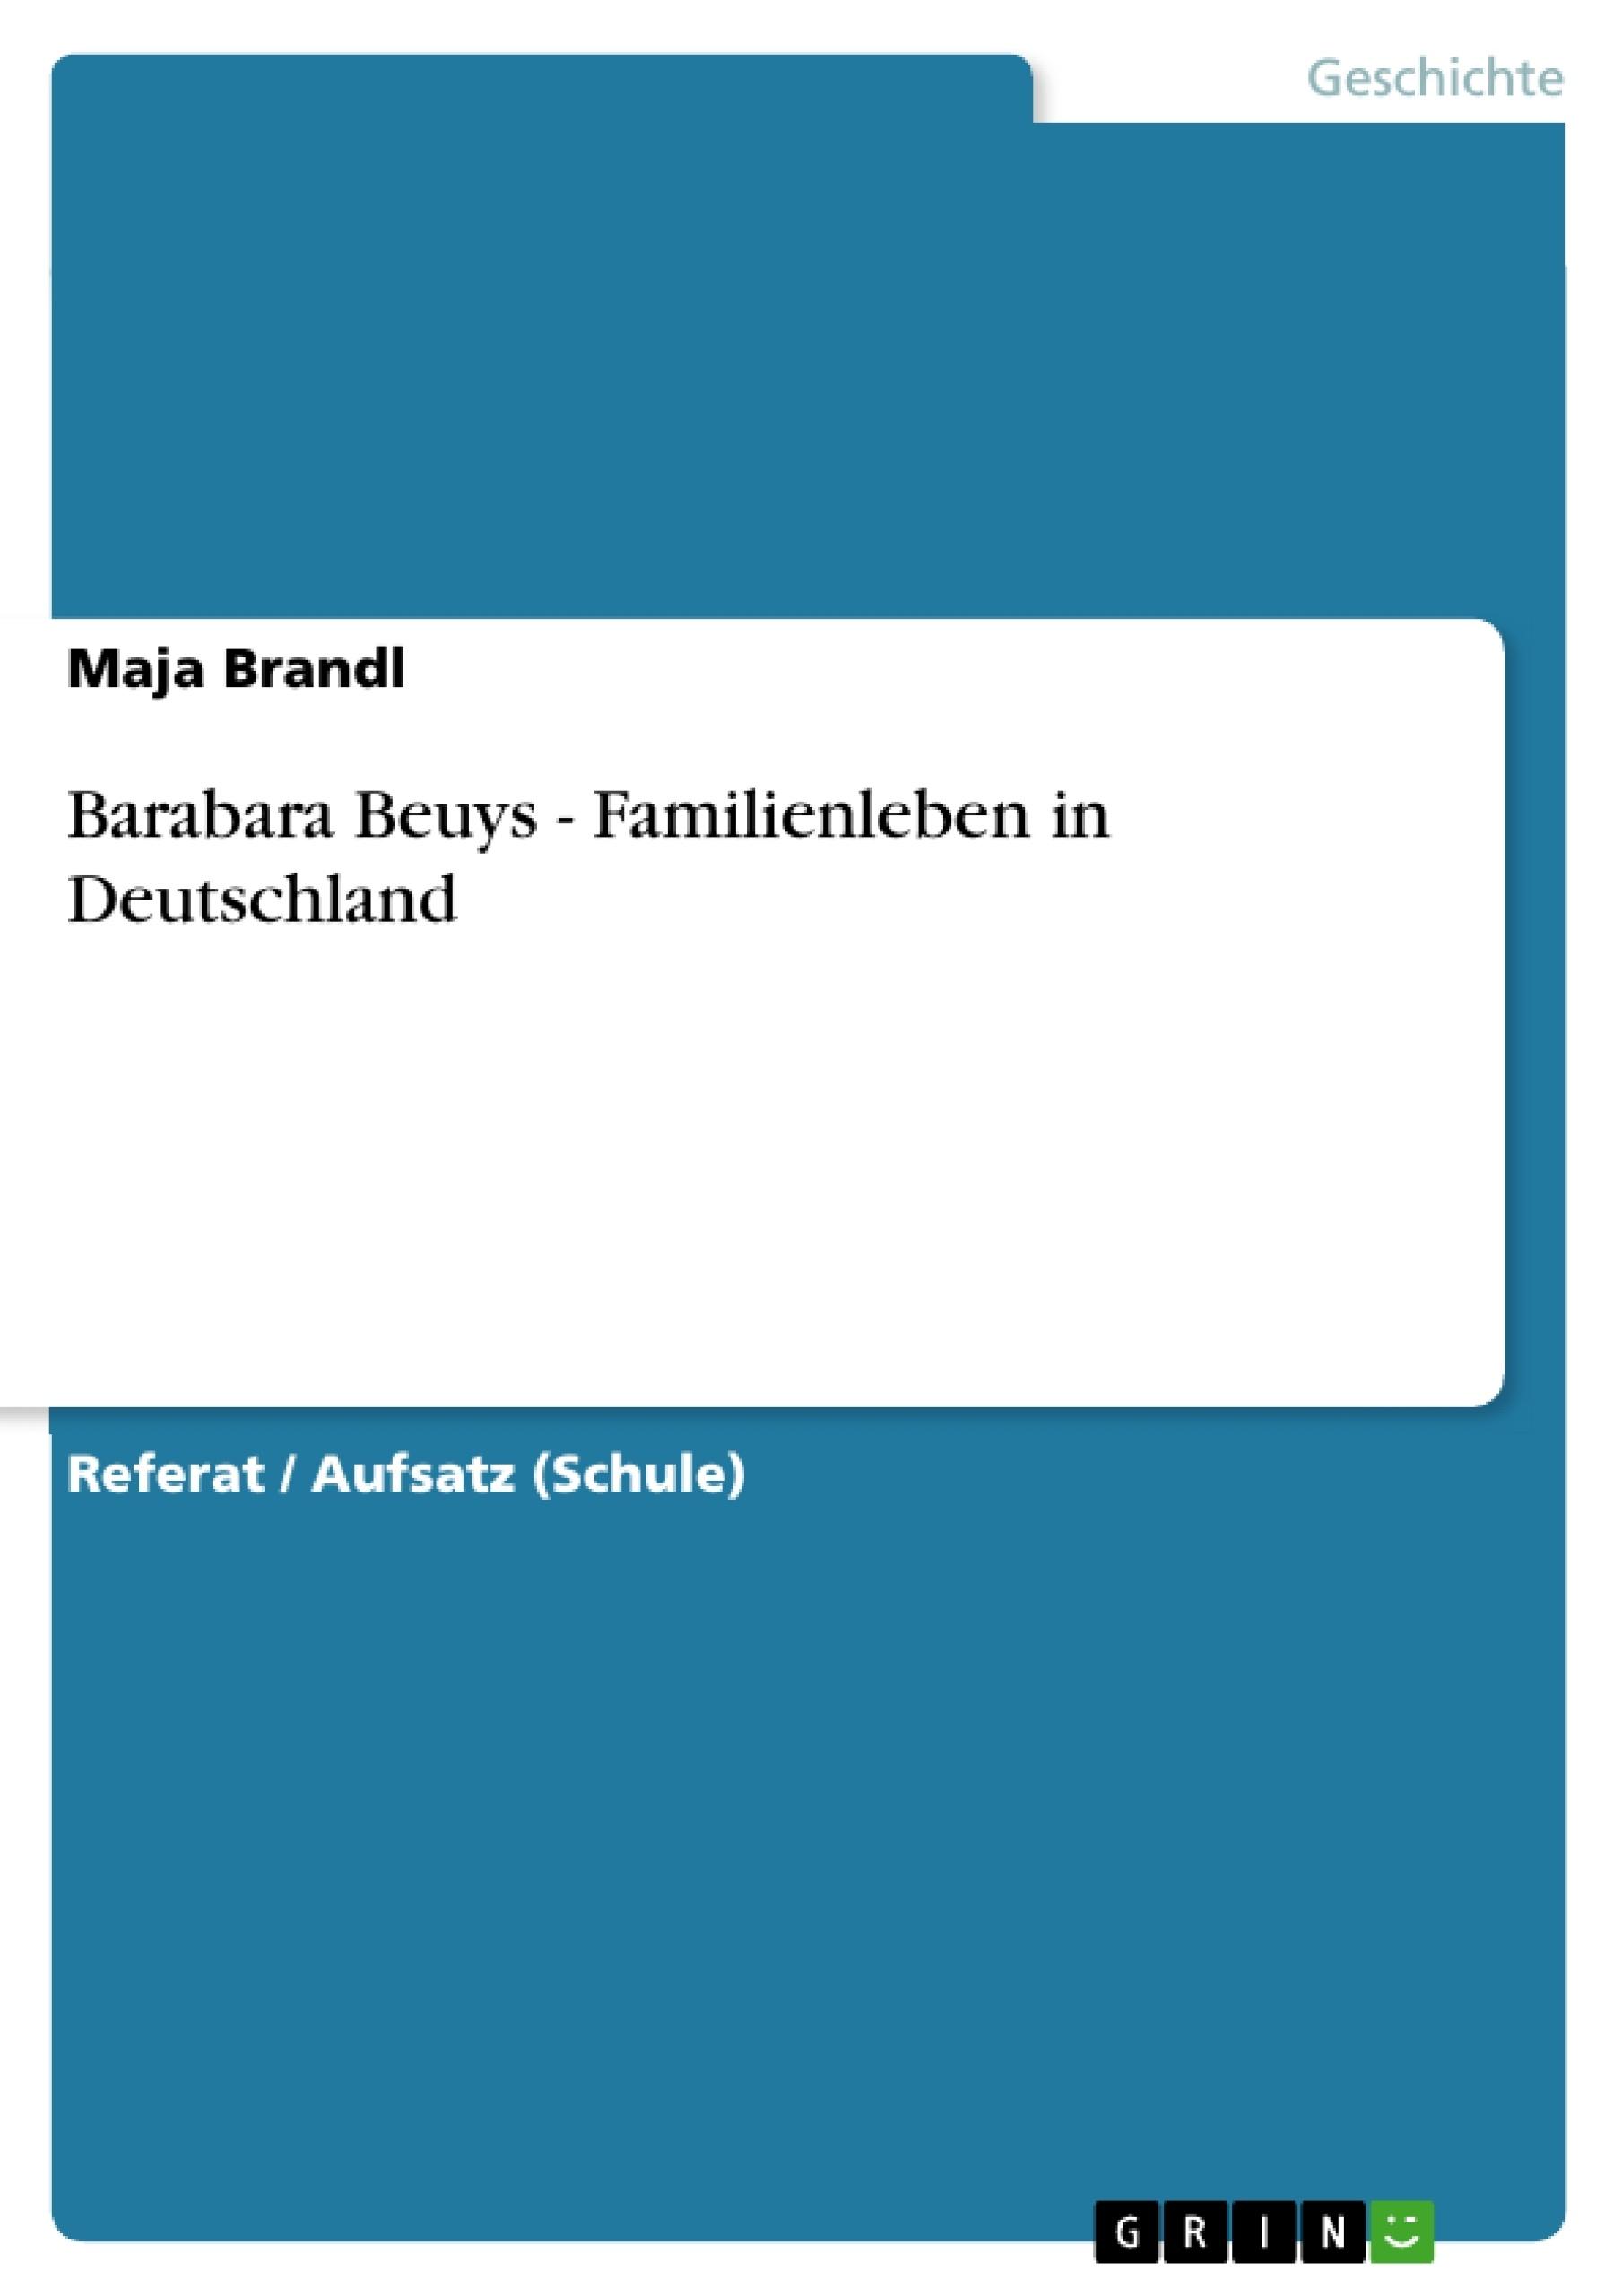 Titel: Barabara Beuys - Familienleben in Deutschland